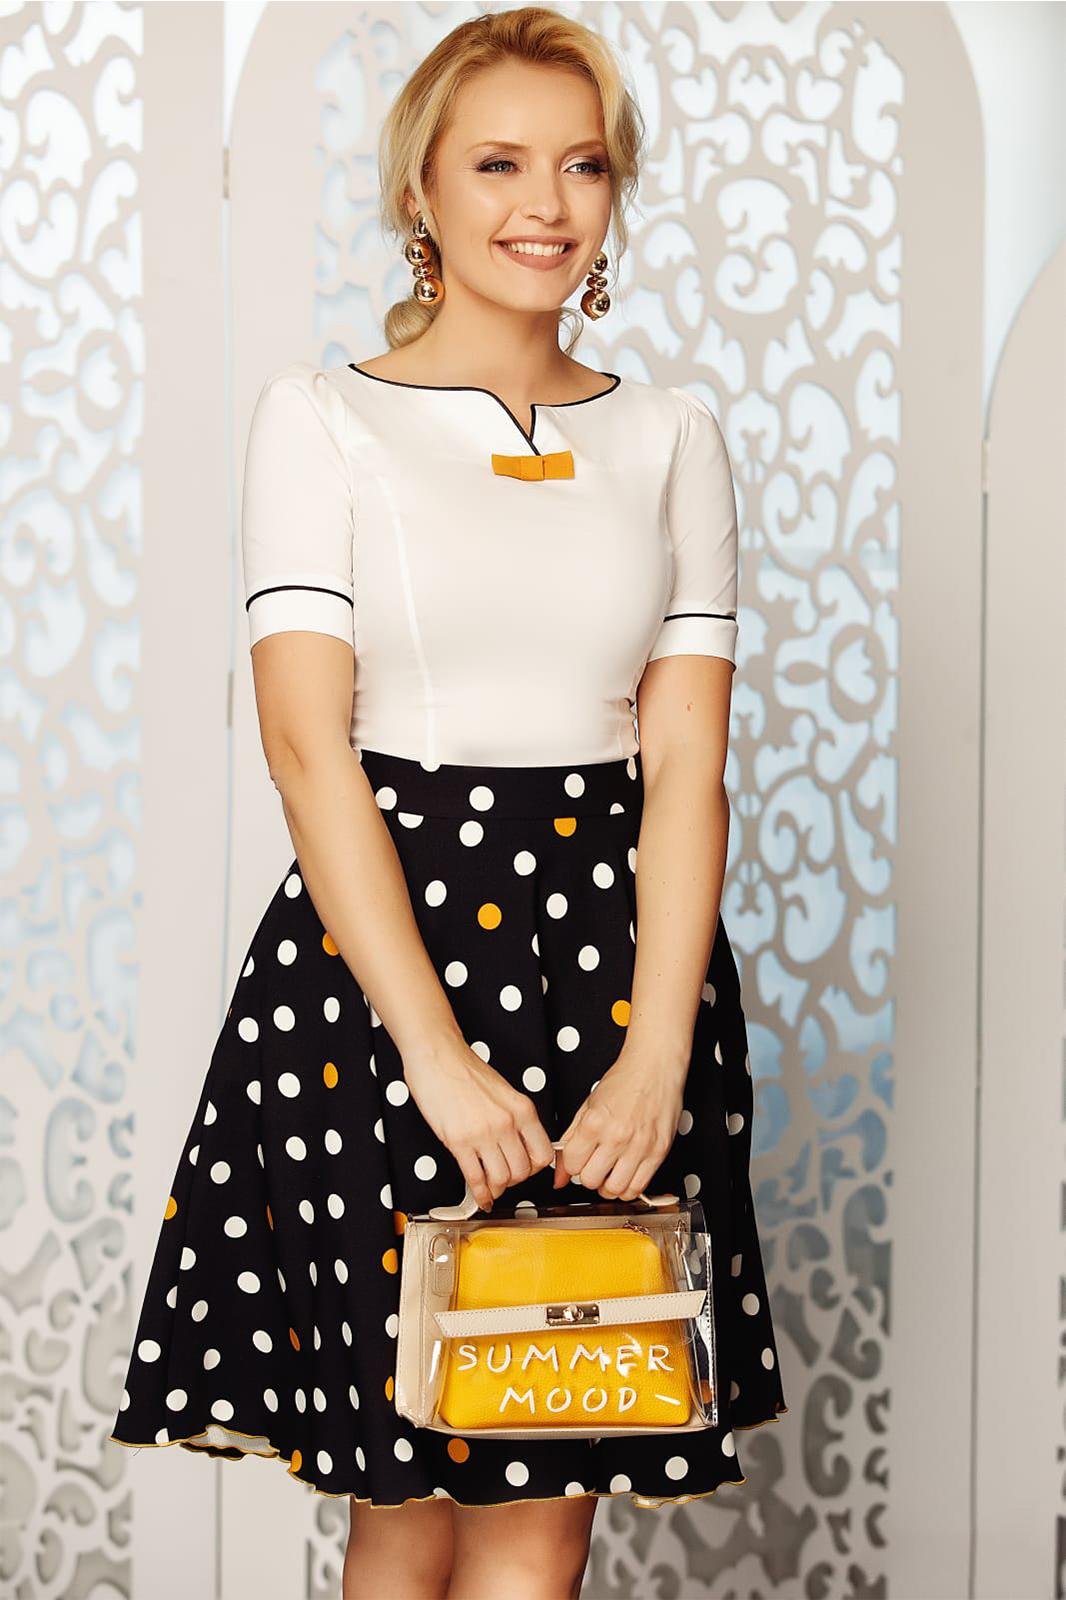 433e094642 Fehér Fofy elegáns női ing szűk szabás enyhén elasztikus pamut masni  díszítéssel